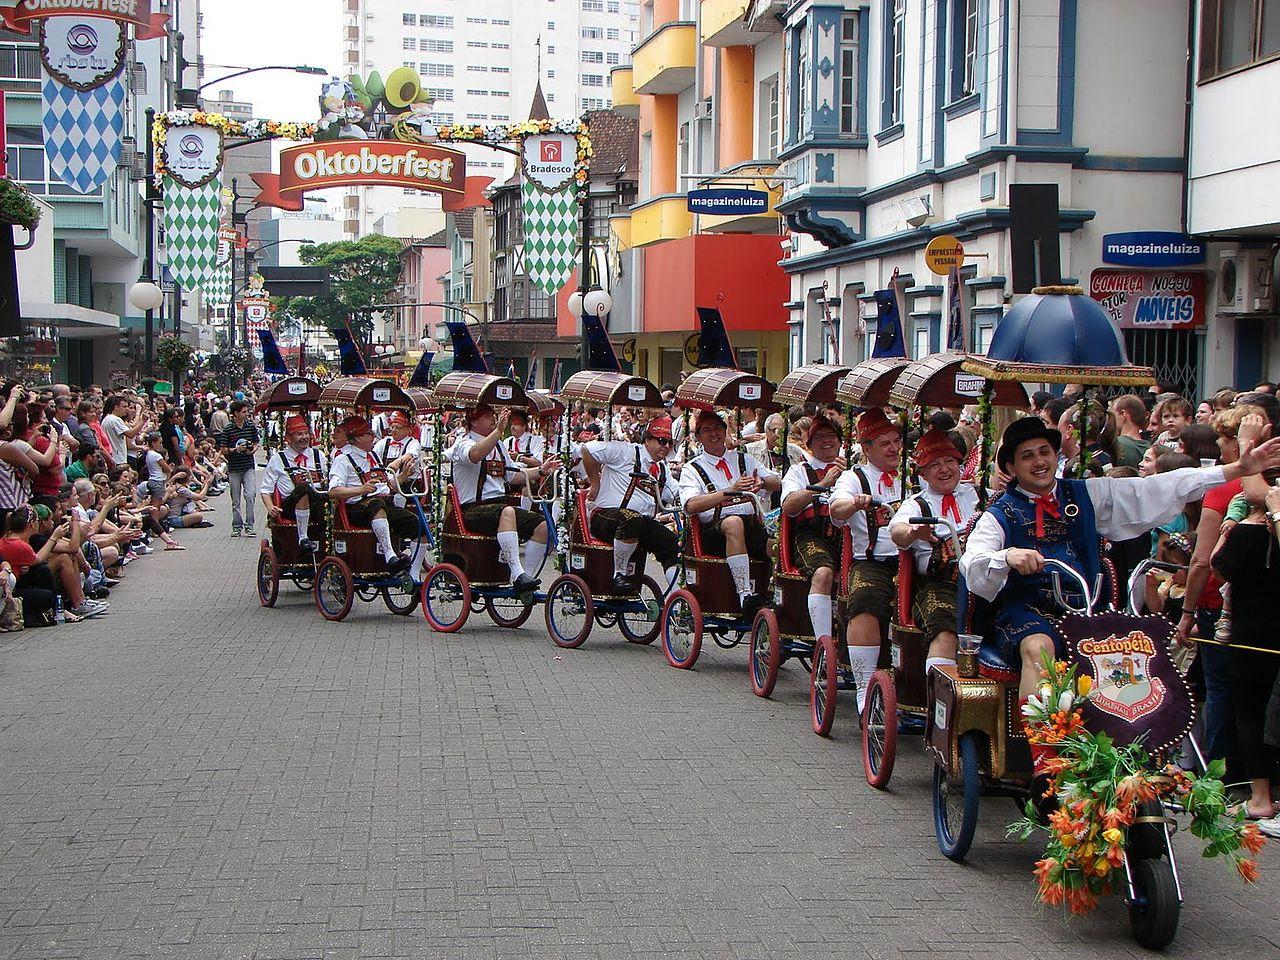 Oktoberfest parade